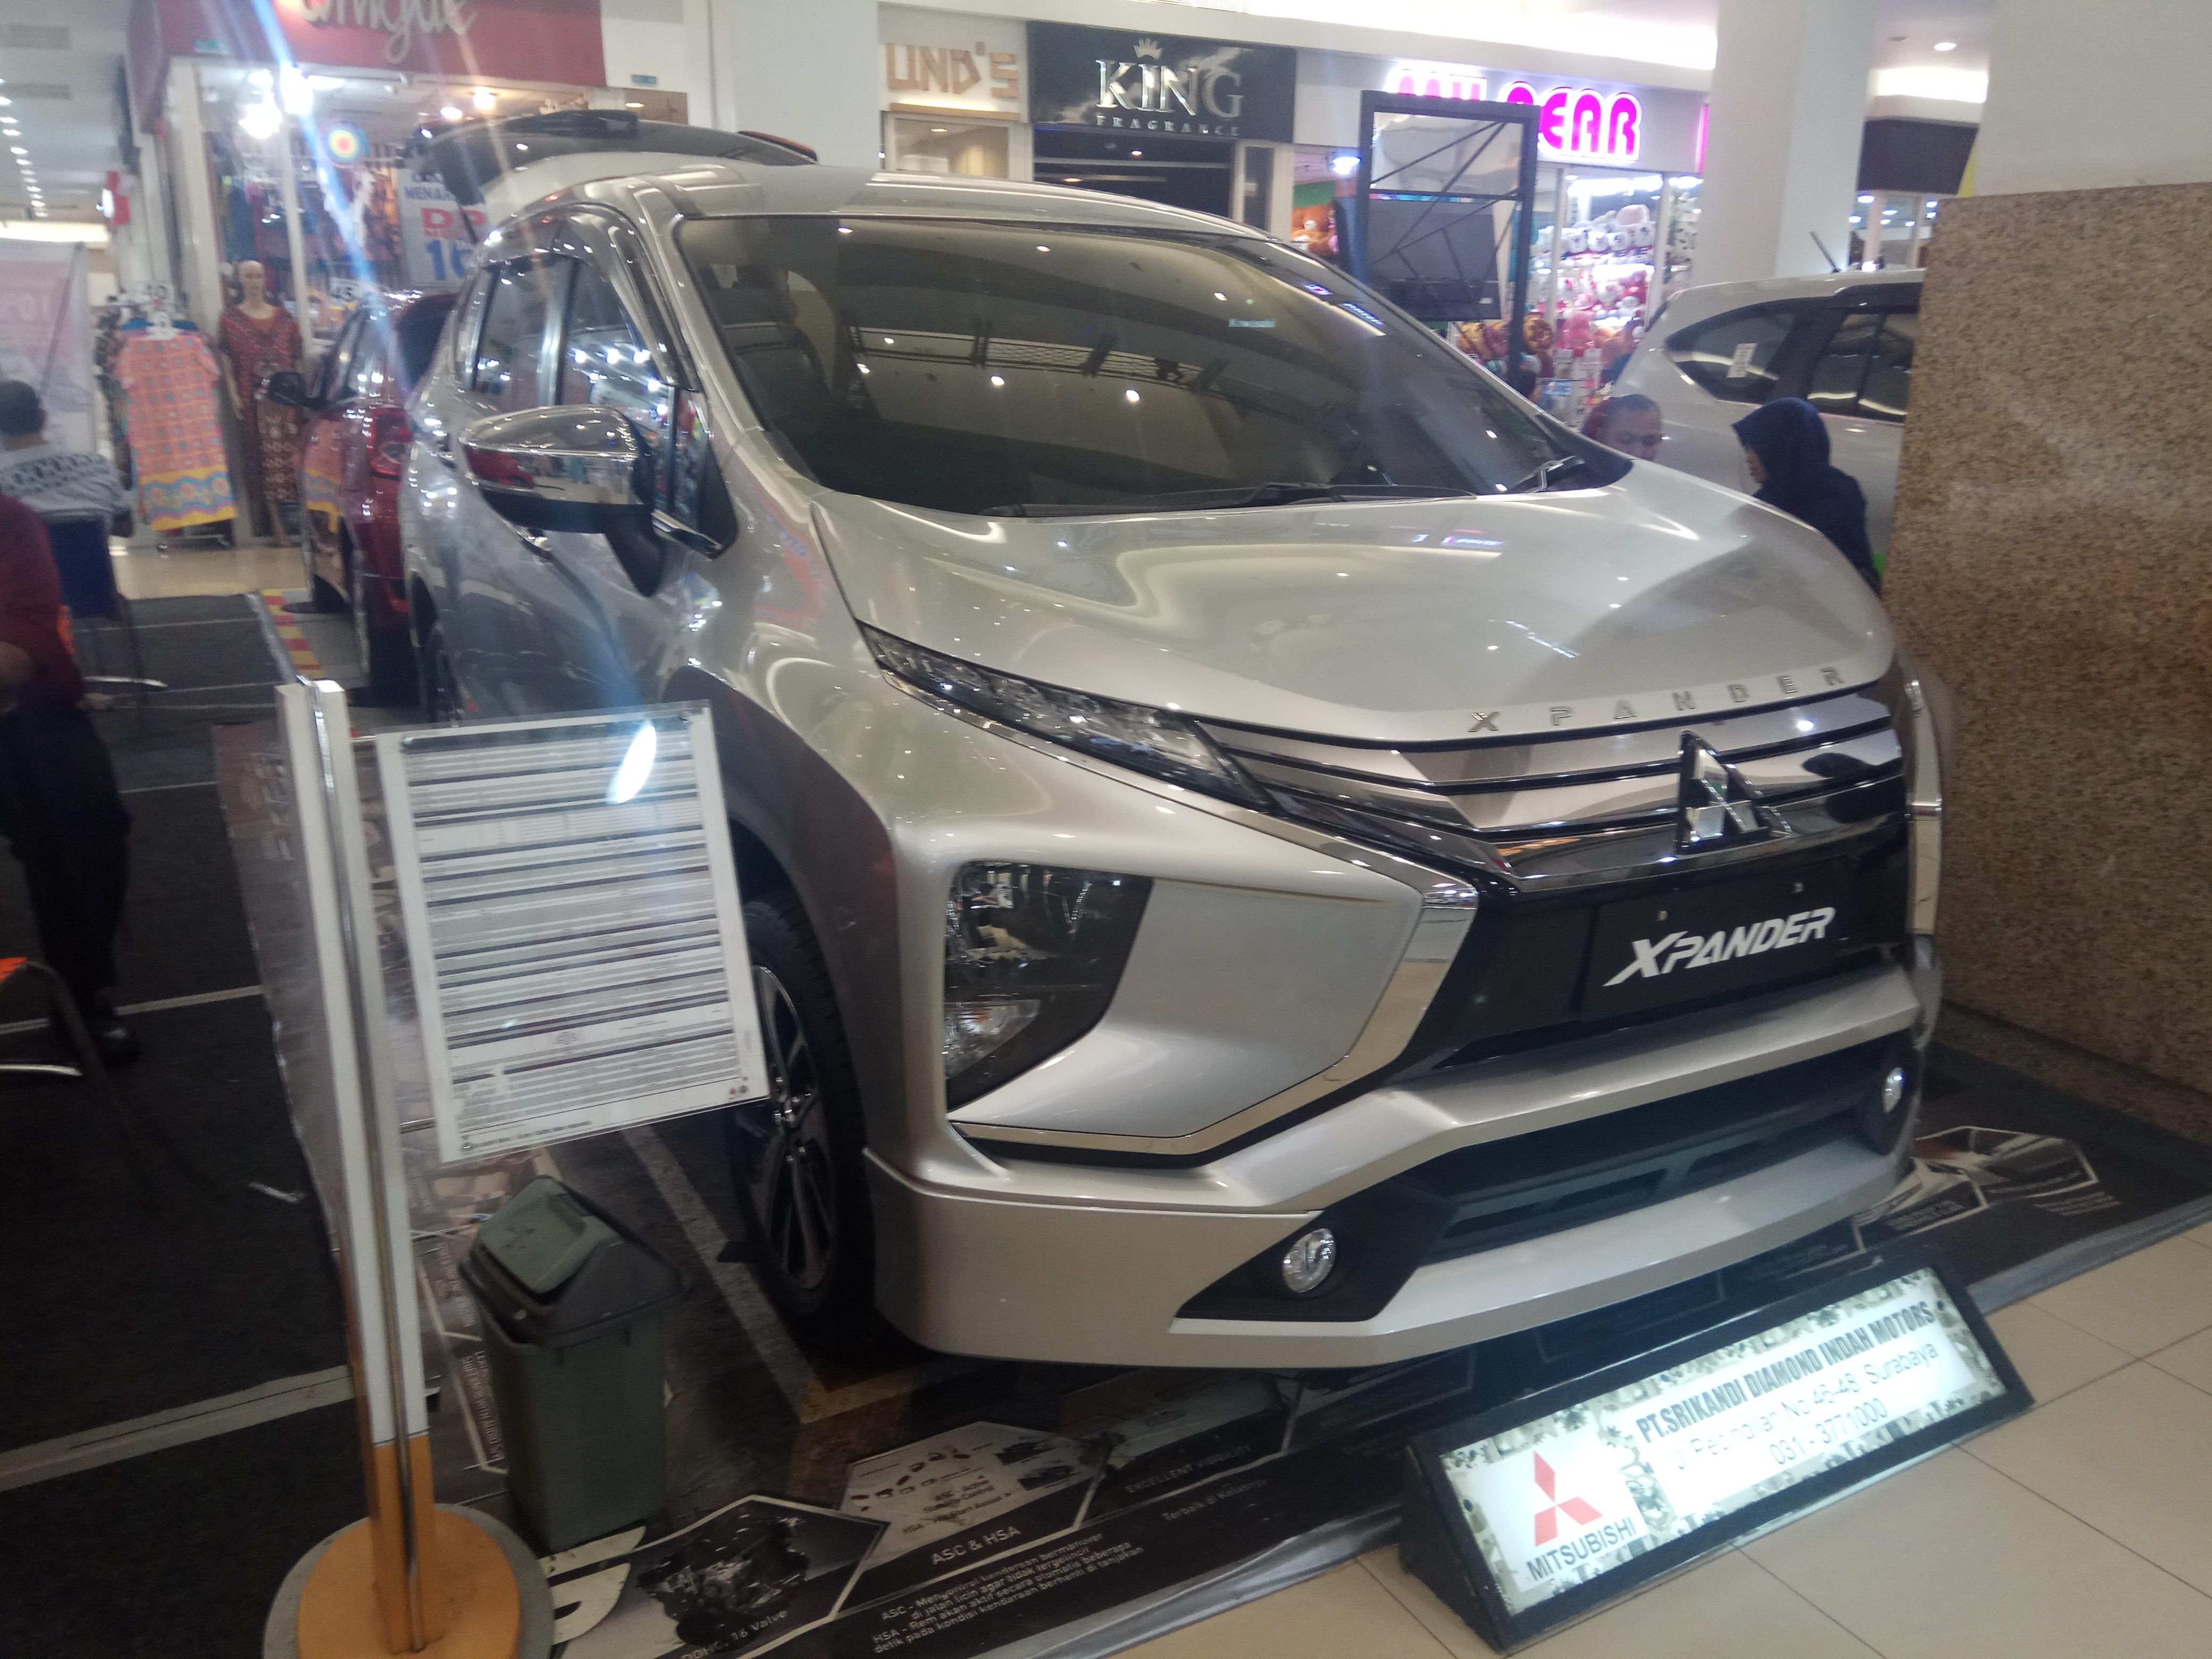 File:2018 Mitsubishi Xpander with Original Accessories